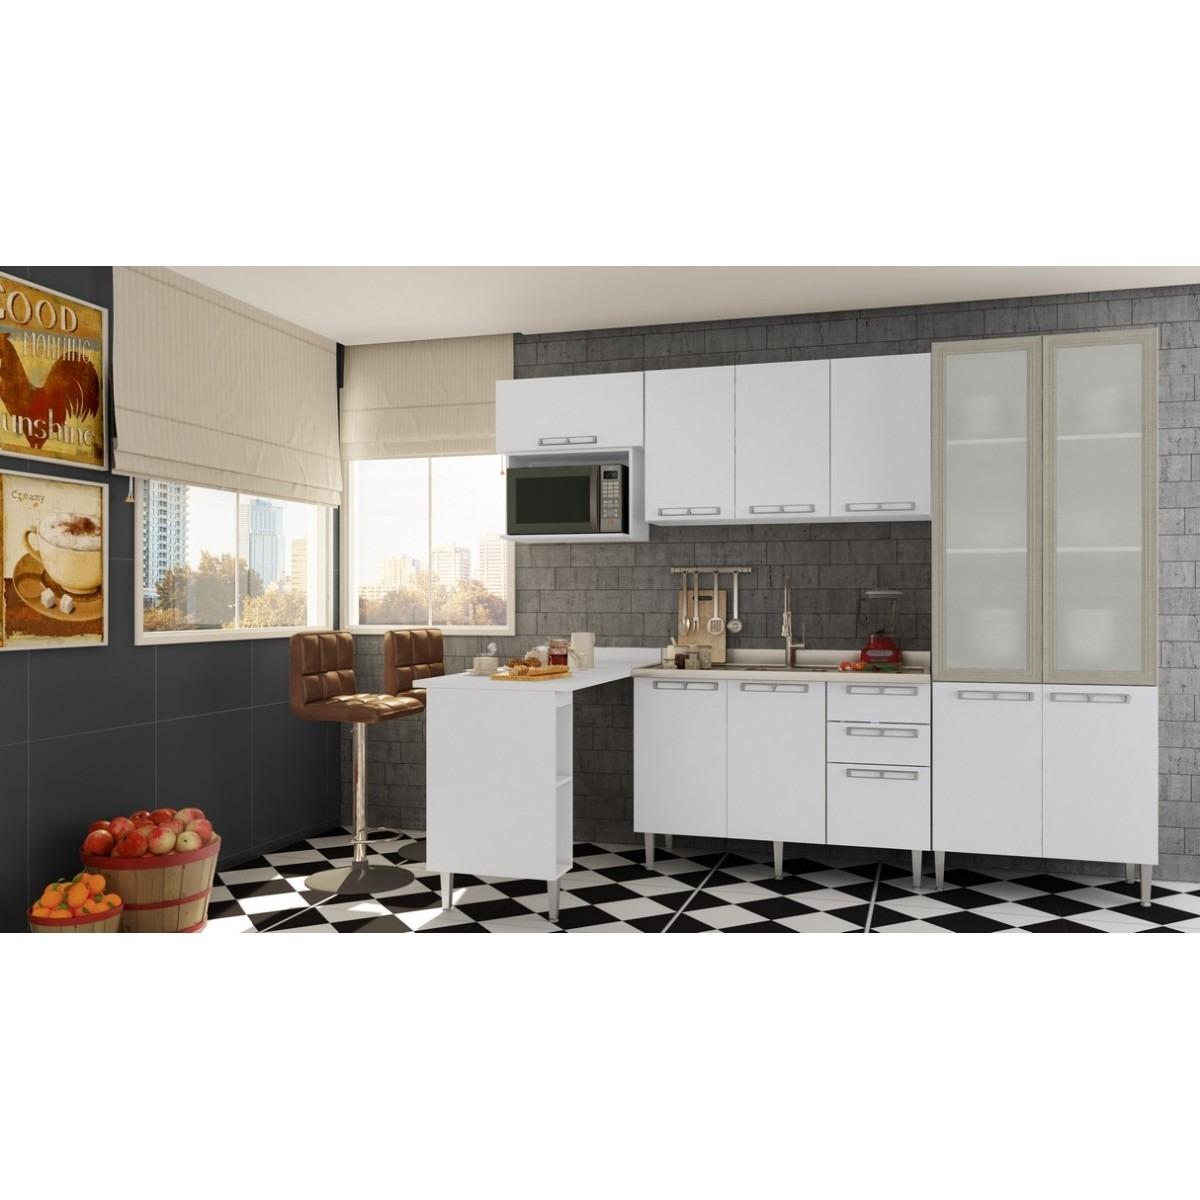 Cozinha Modulada Completa V Rias Cores 06 Pe As Mia Coccina R